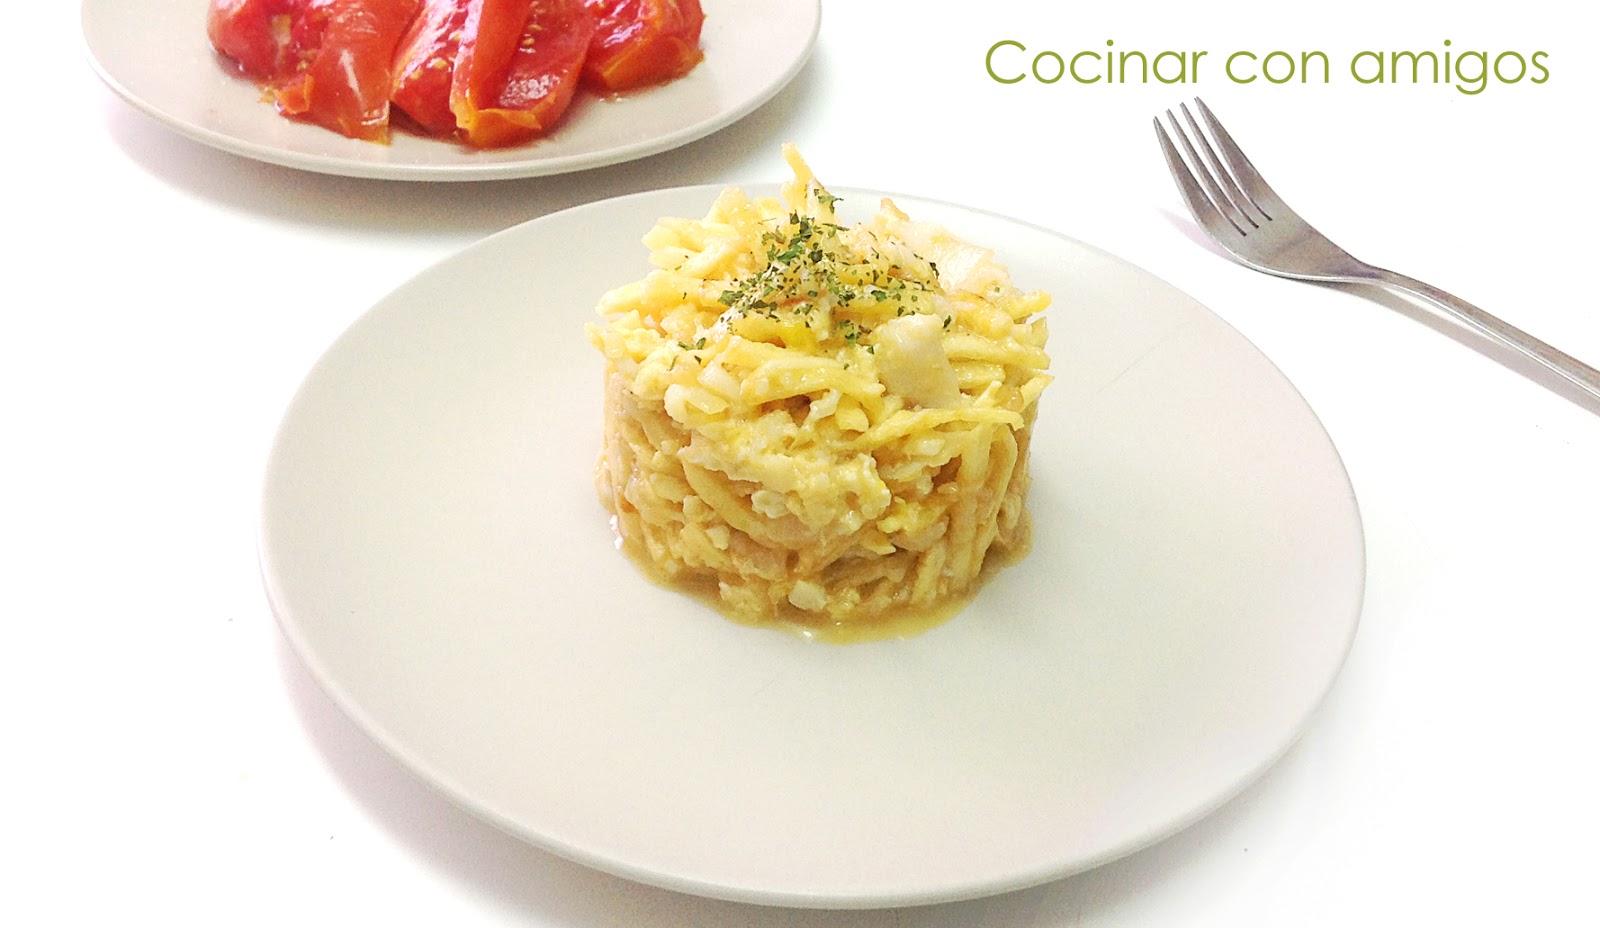 Bacalao dorado o bacalao a br s cocinar con amigos - Cocinar bacalao congelado ...